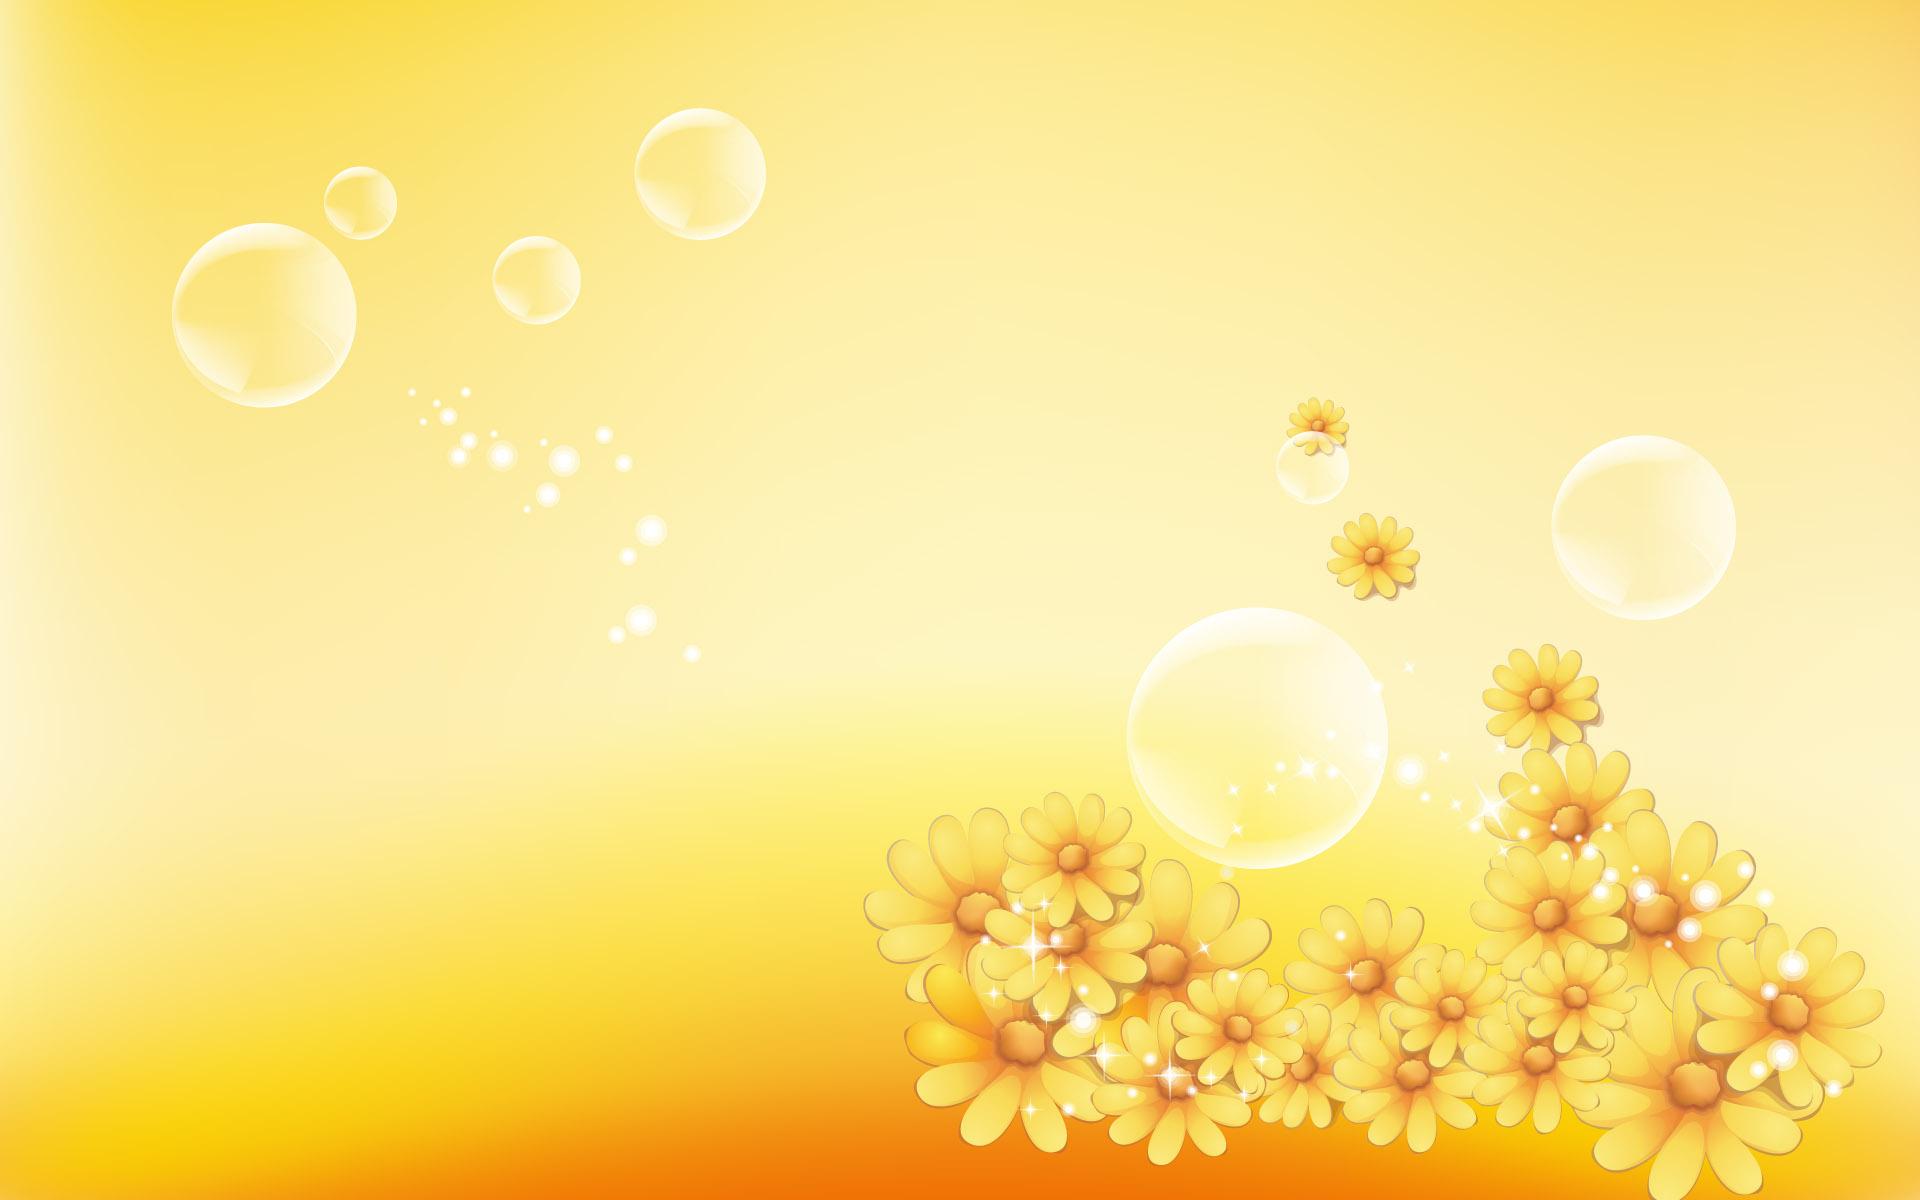 yellow flowers wallpaper wallpapersafari